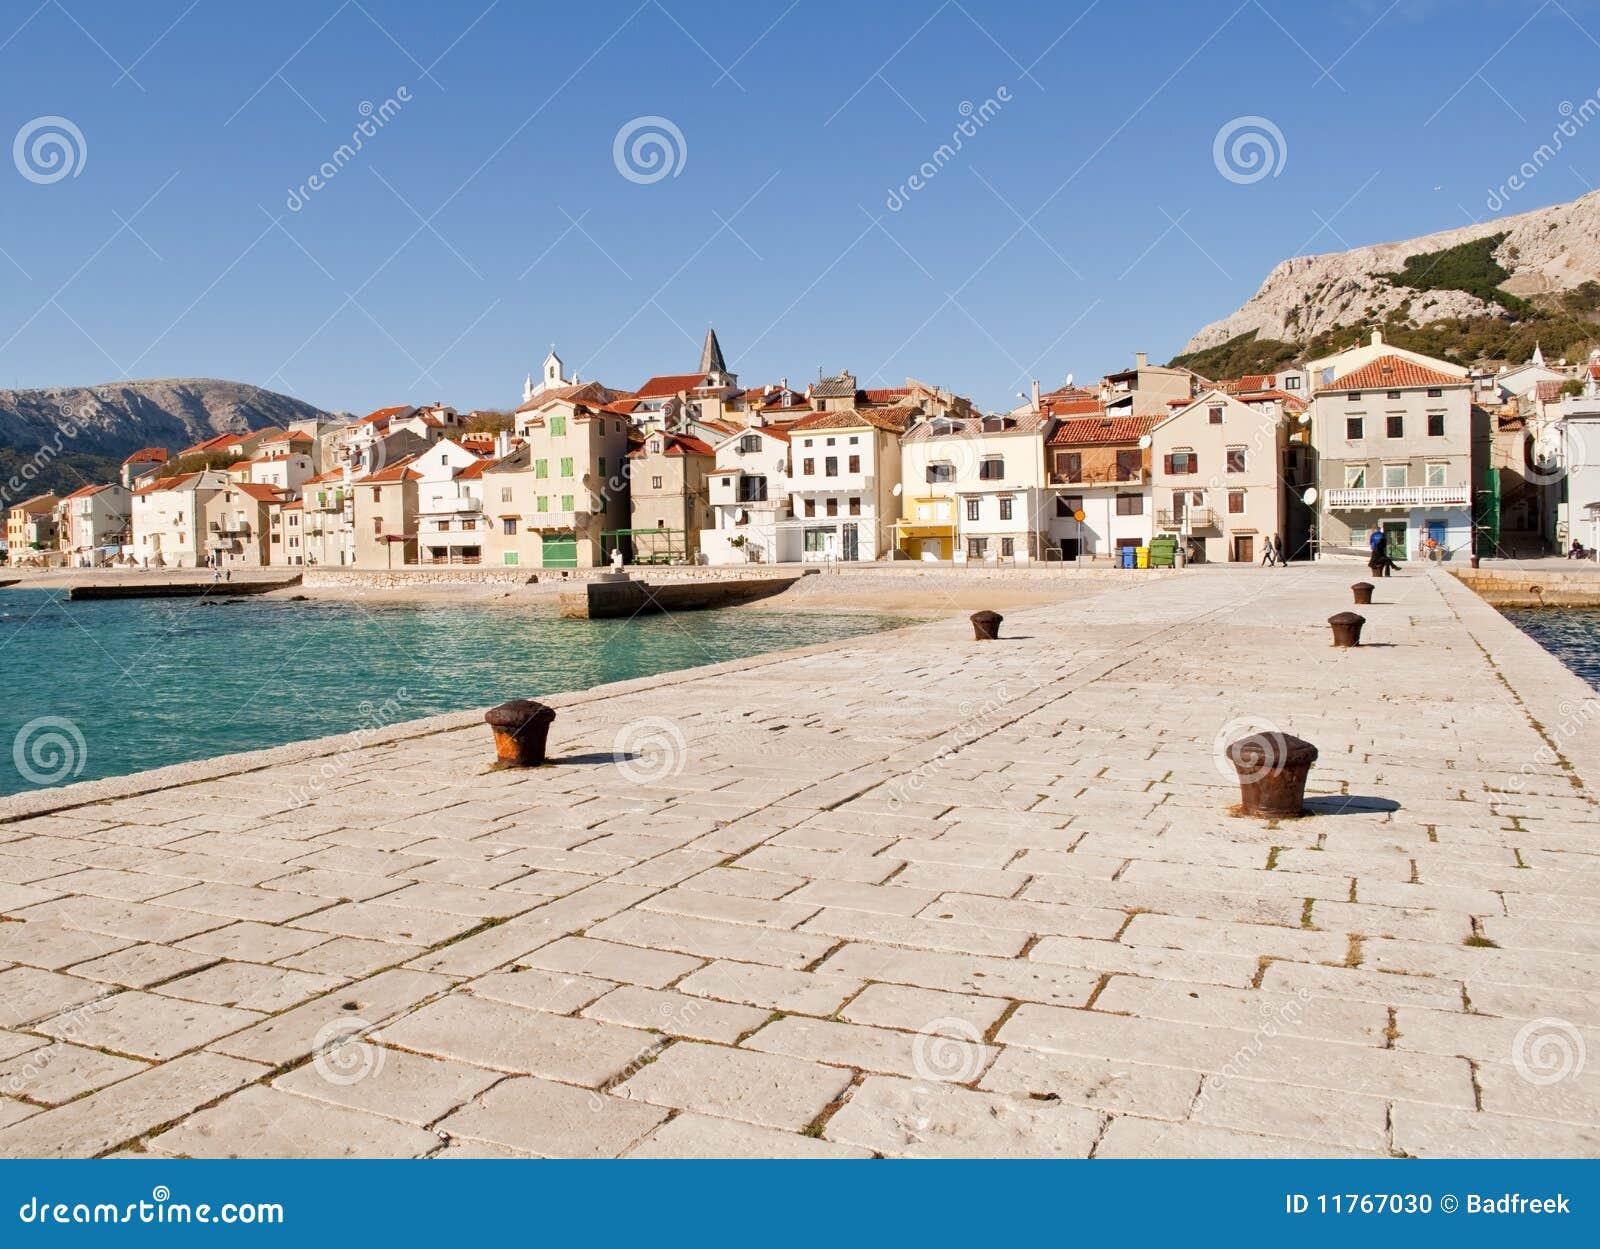 Cidade velha do beira-mar de Baska (Krk)